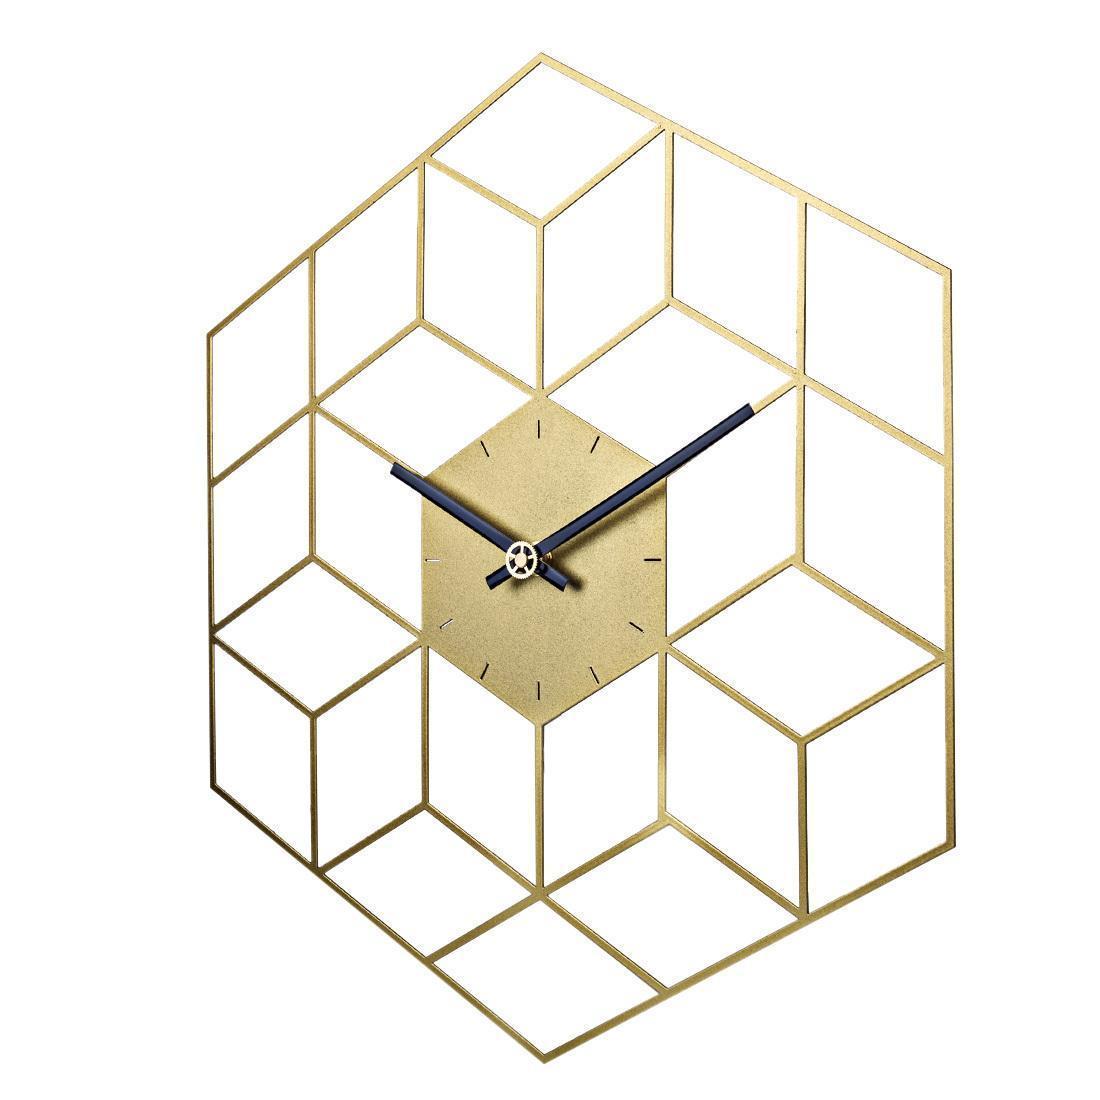 35 X 40cm Wall Cube Creative fer Horloge Montre minuterie fonctionne sur batterie silencieuse mur Horloges Home Decor Décoration - Échelle d'or Y200110